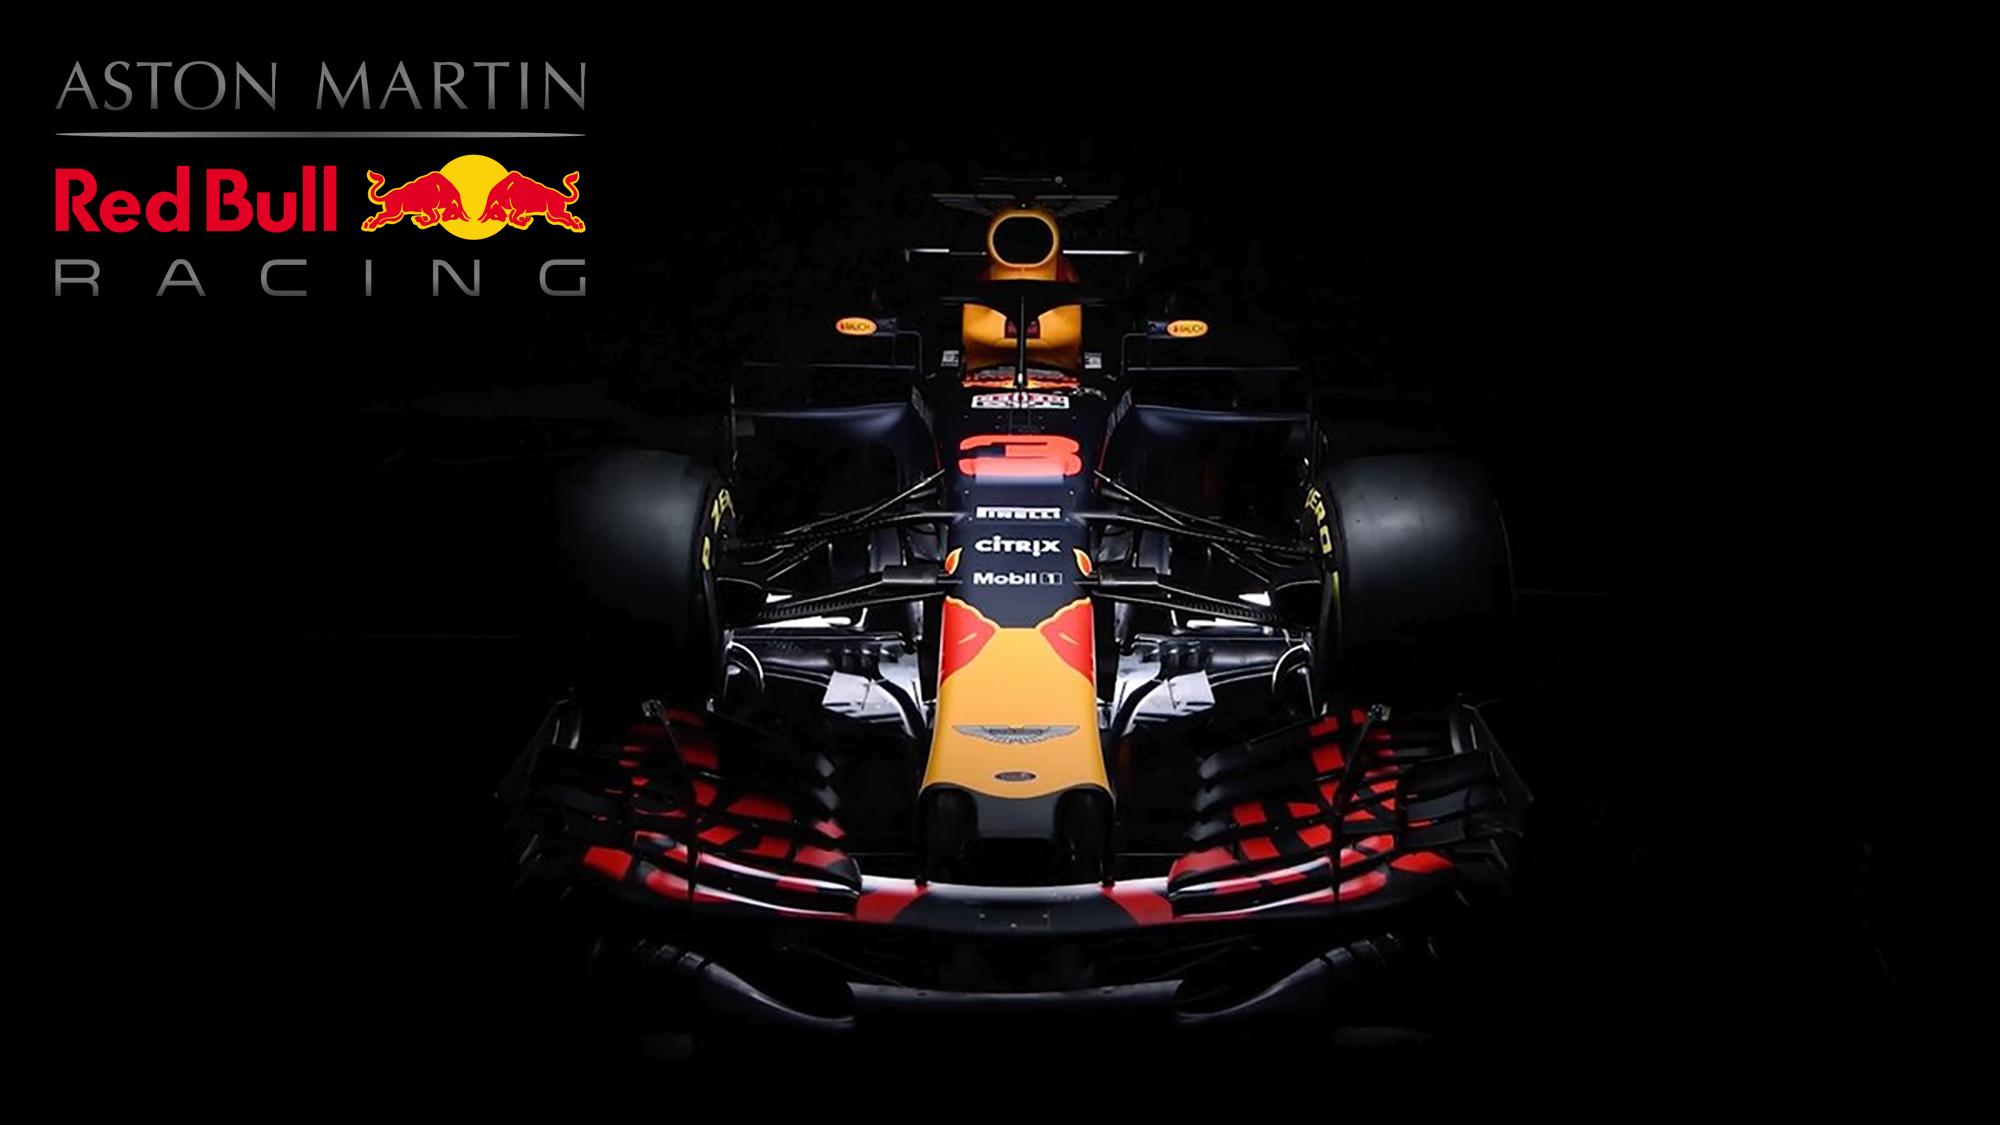 Red Bull 2000x1125 Wallpaper Teahub Io